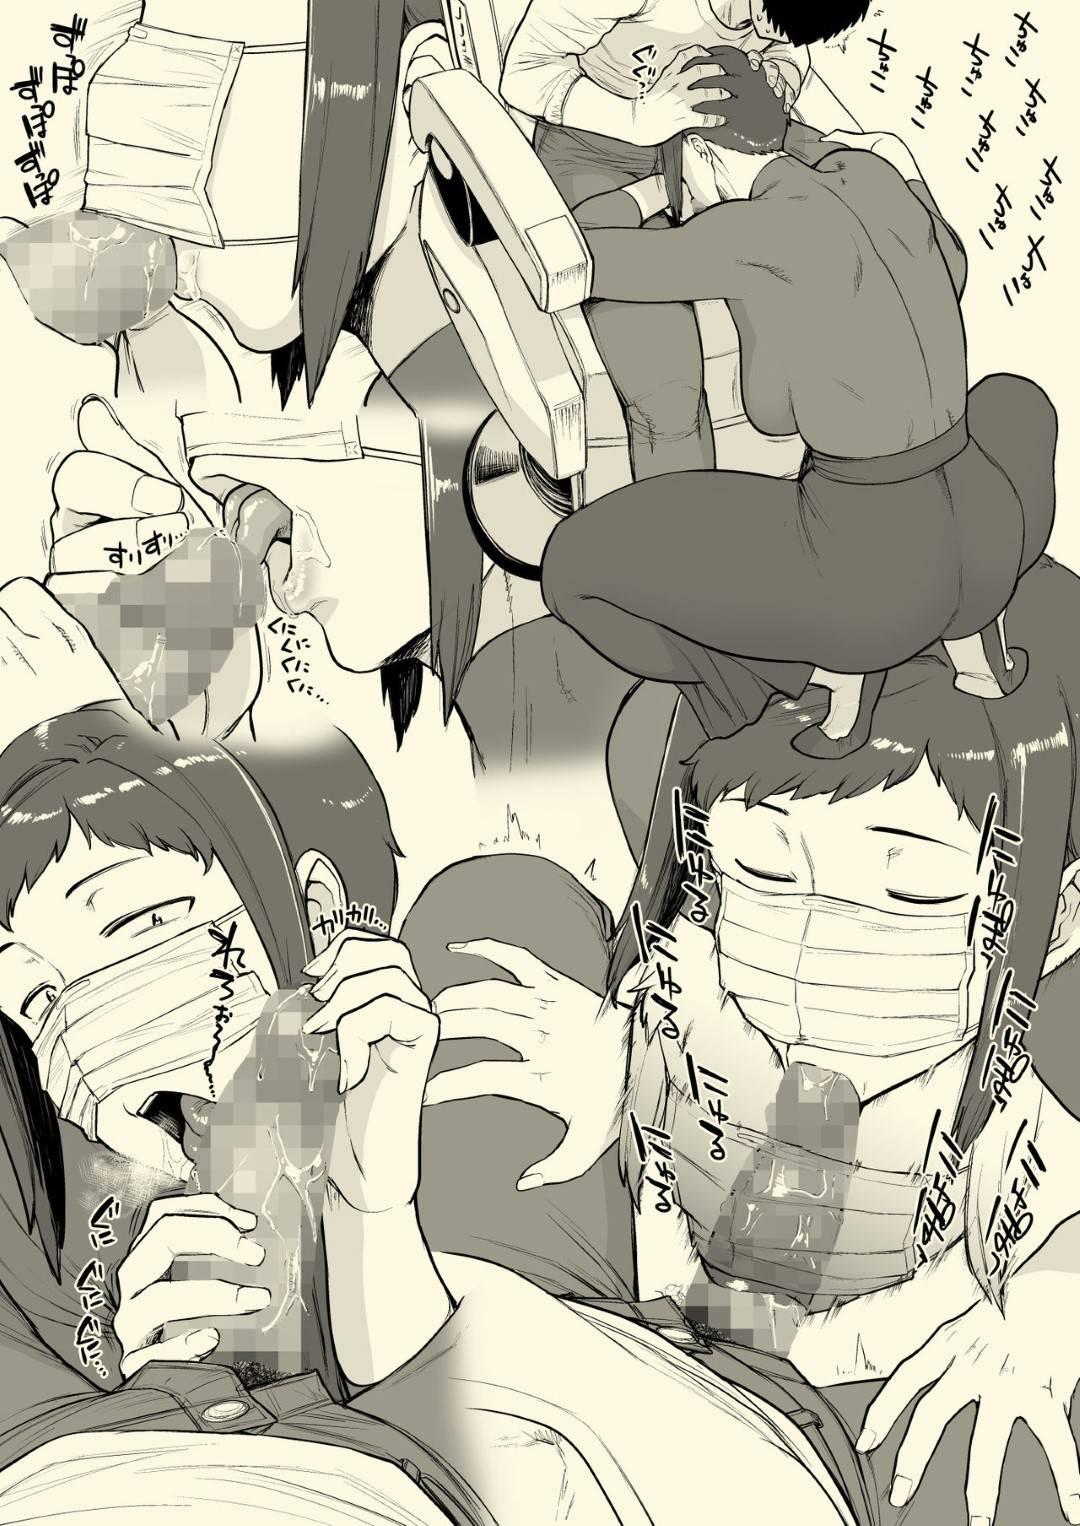 【エロ漫画】ど変態な1000円カットのオネエさん…逆レイプにフェラしてだいしゅきホールドの中出しセックスしちゃう!【越山弱衰:1000円カットのオネエさんにスいてもらう本。プラス】